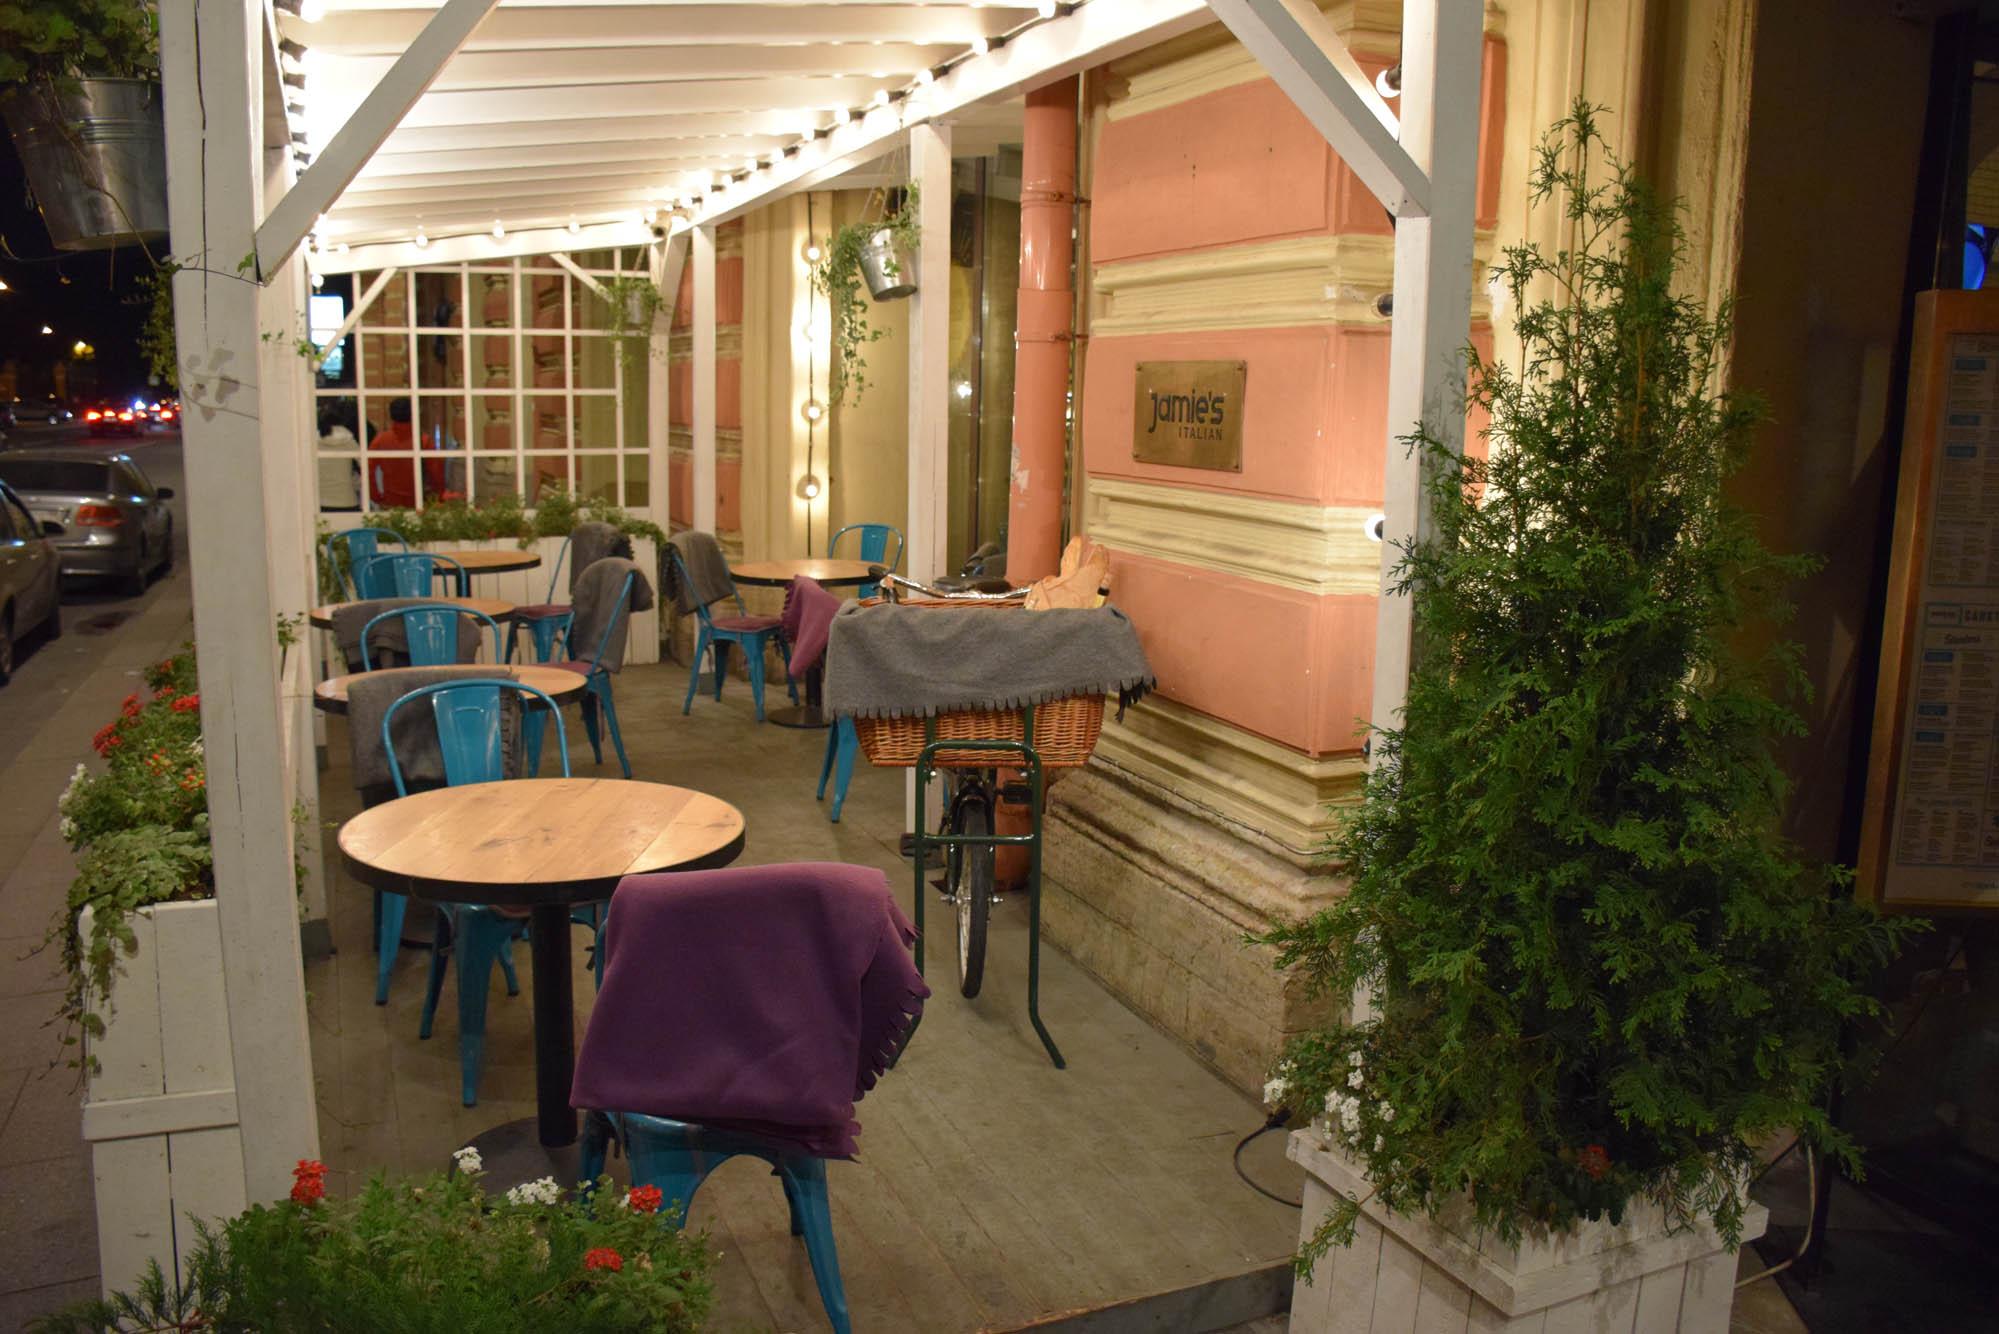 jamies italian restaurante sao petersburgo dicas da russia onde comer 03